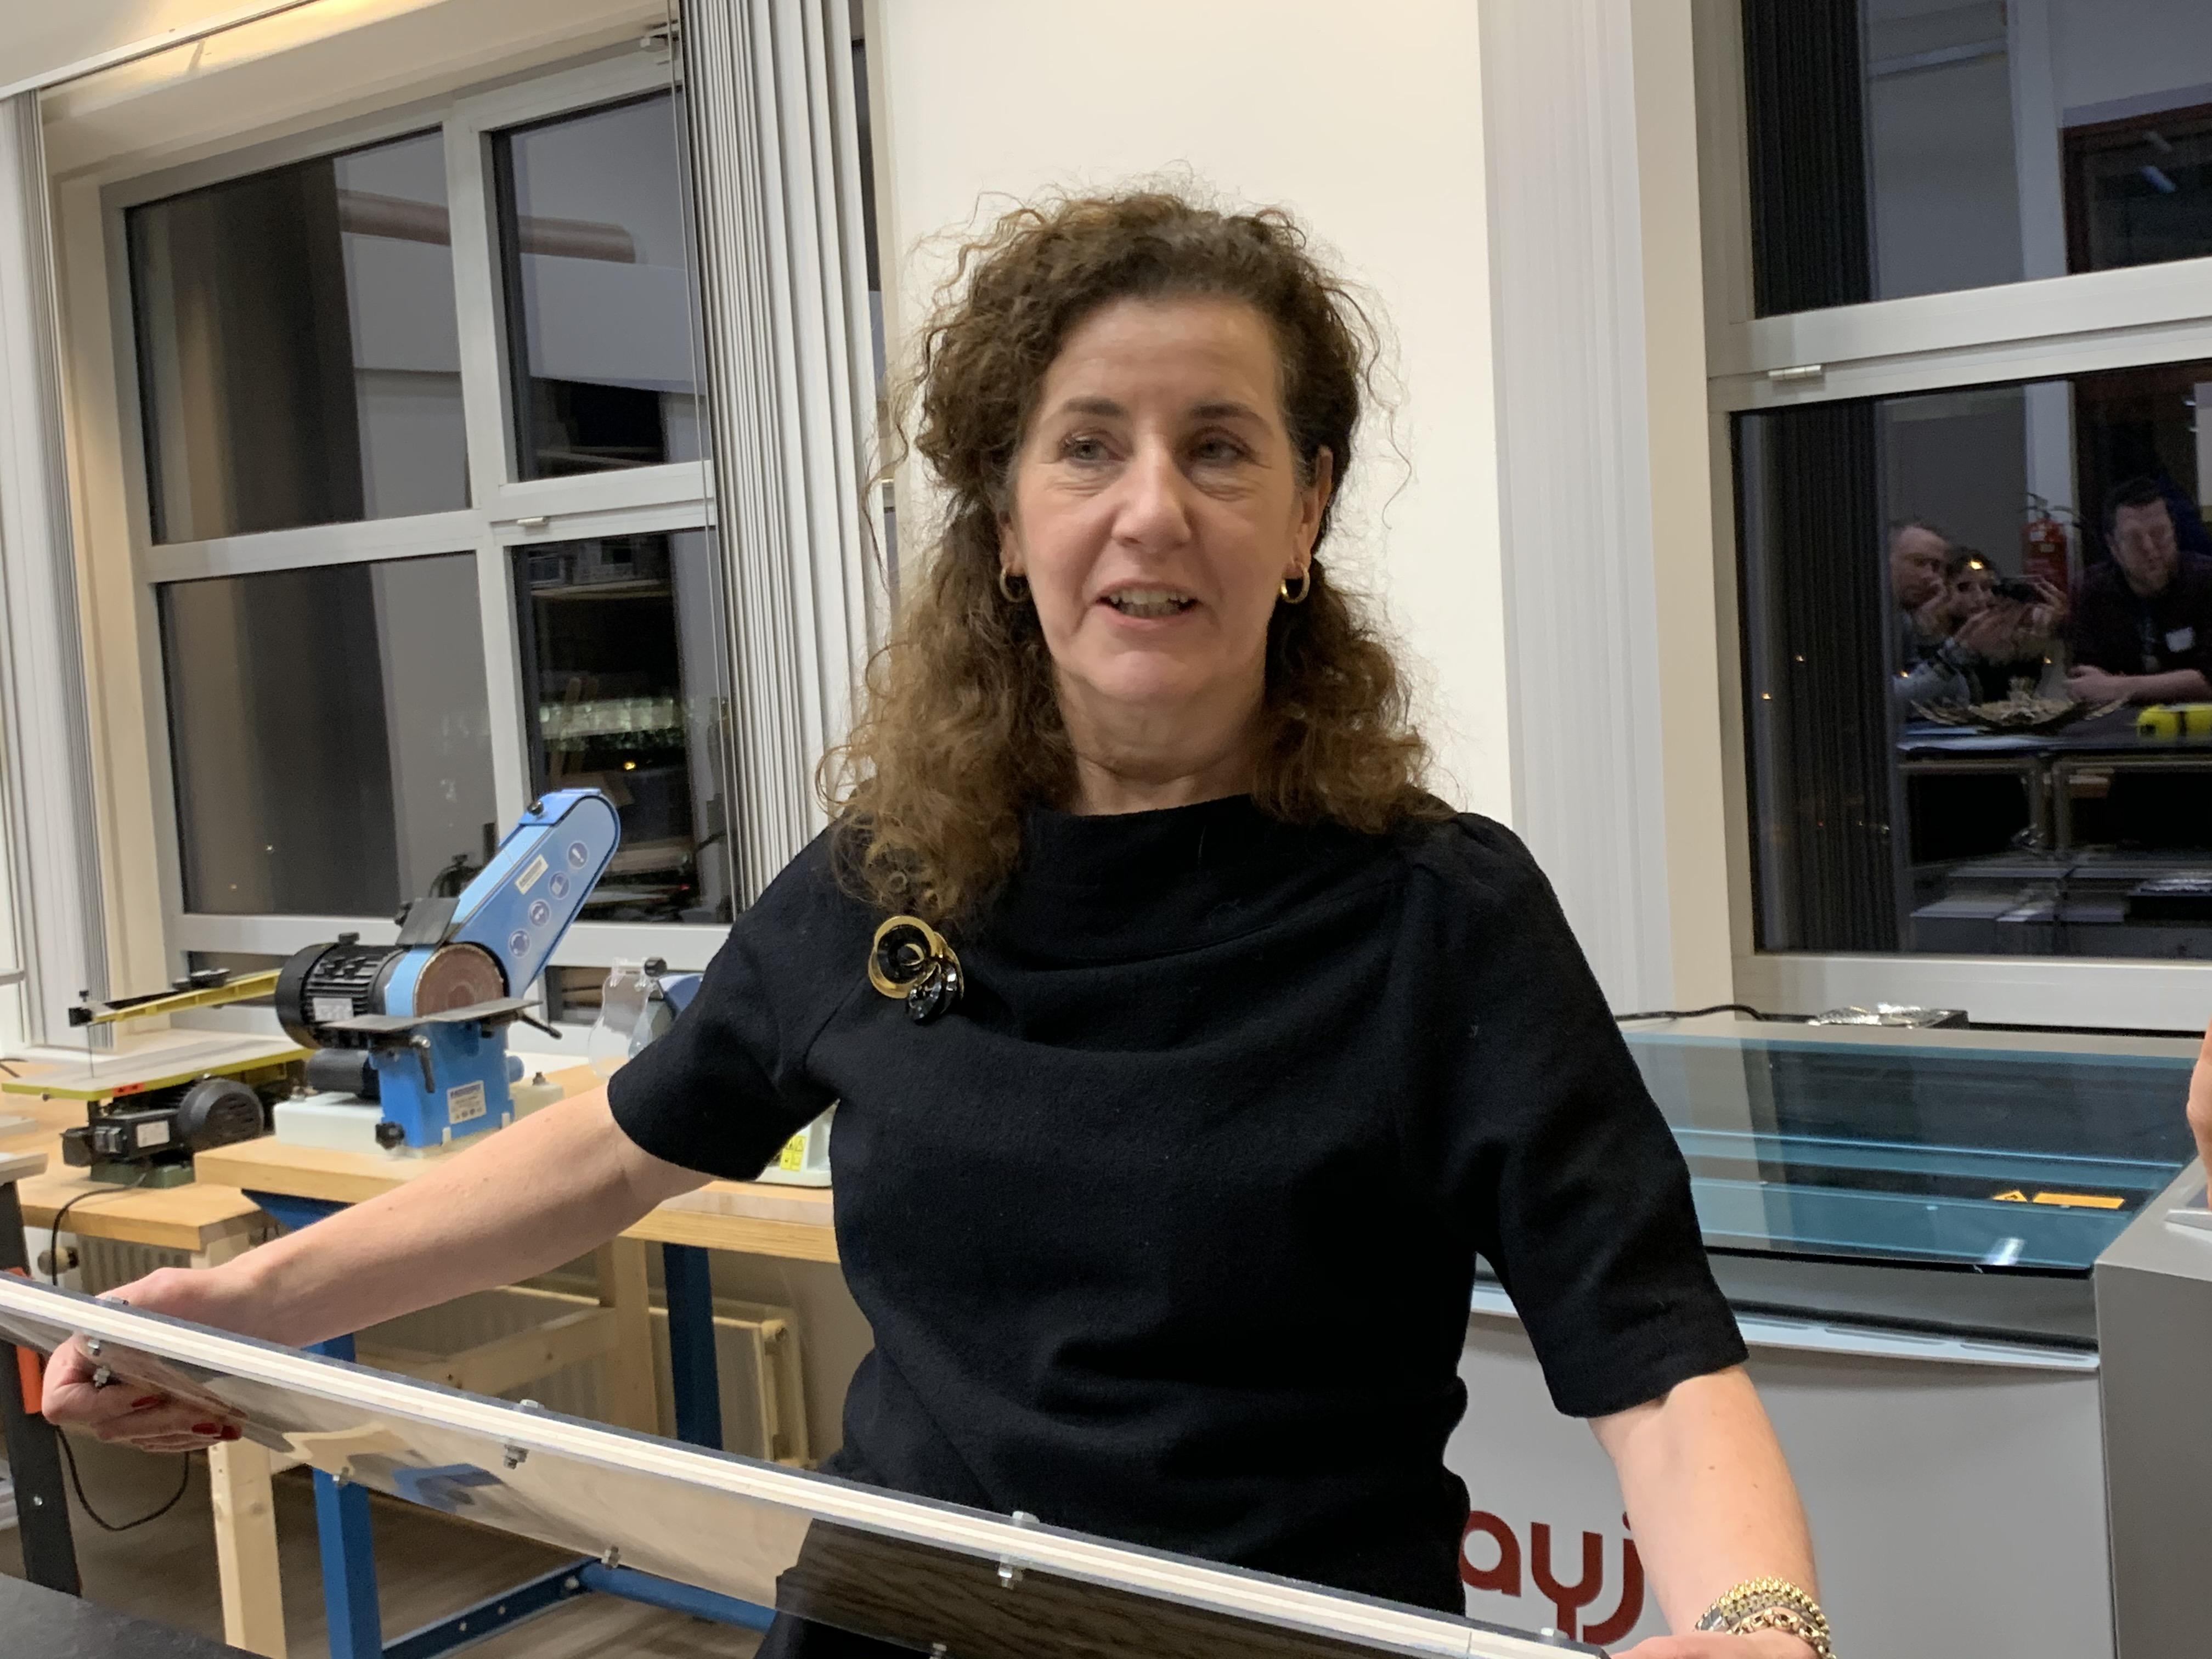 Onderwijsminister Ingrid van Engelshoven